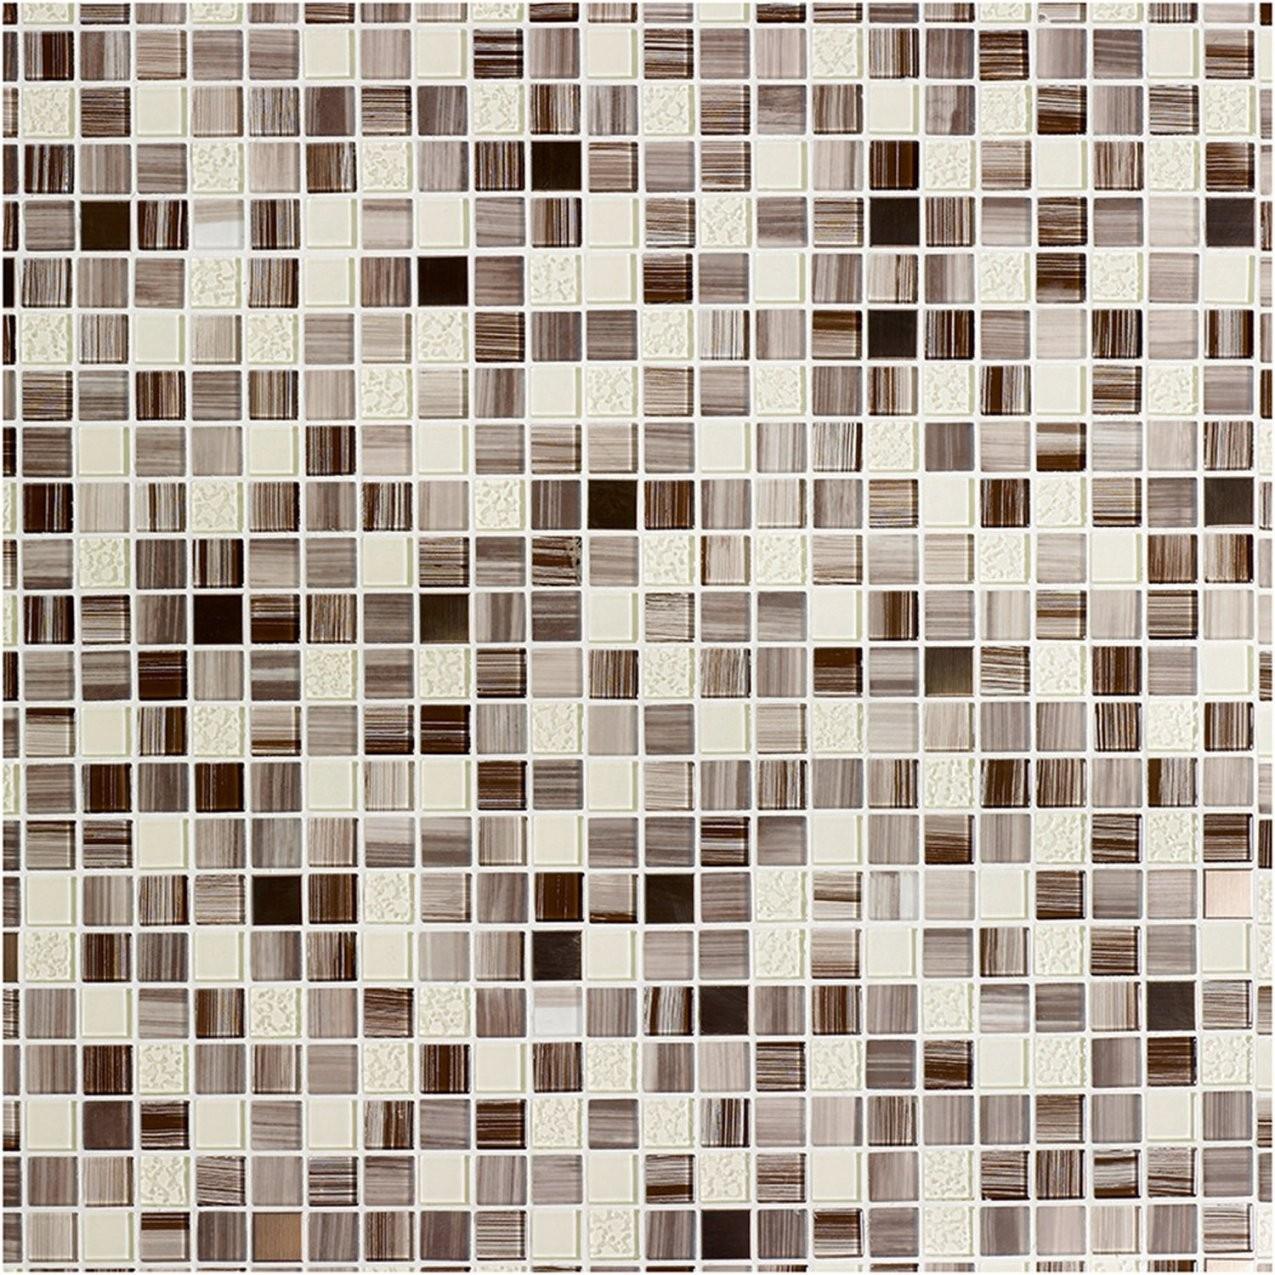 Mosaikfliesen Kaufen Bei Obi von Hornbach Mosaik Fliesen Bild